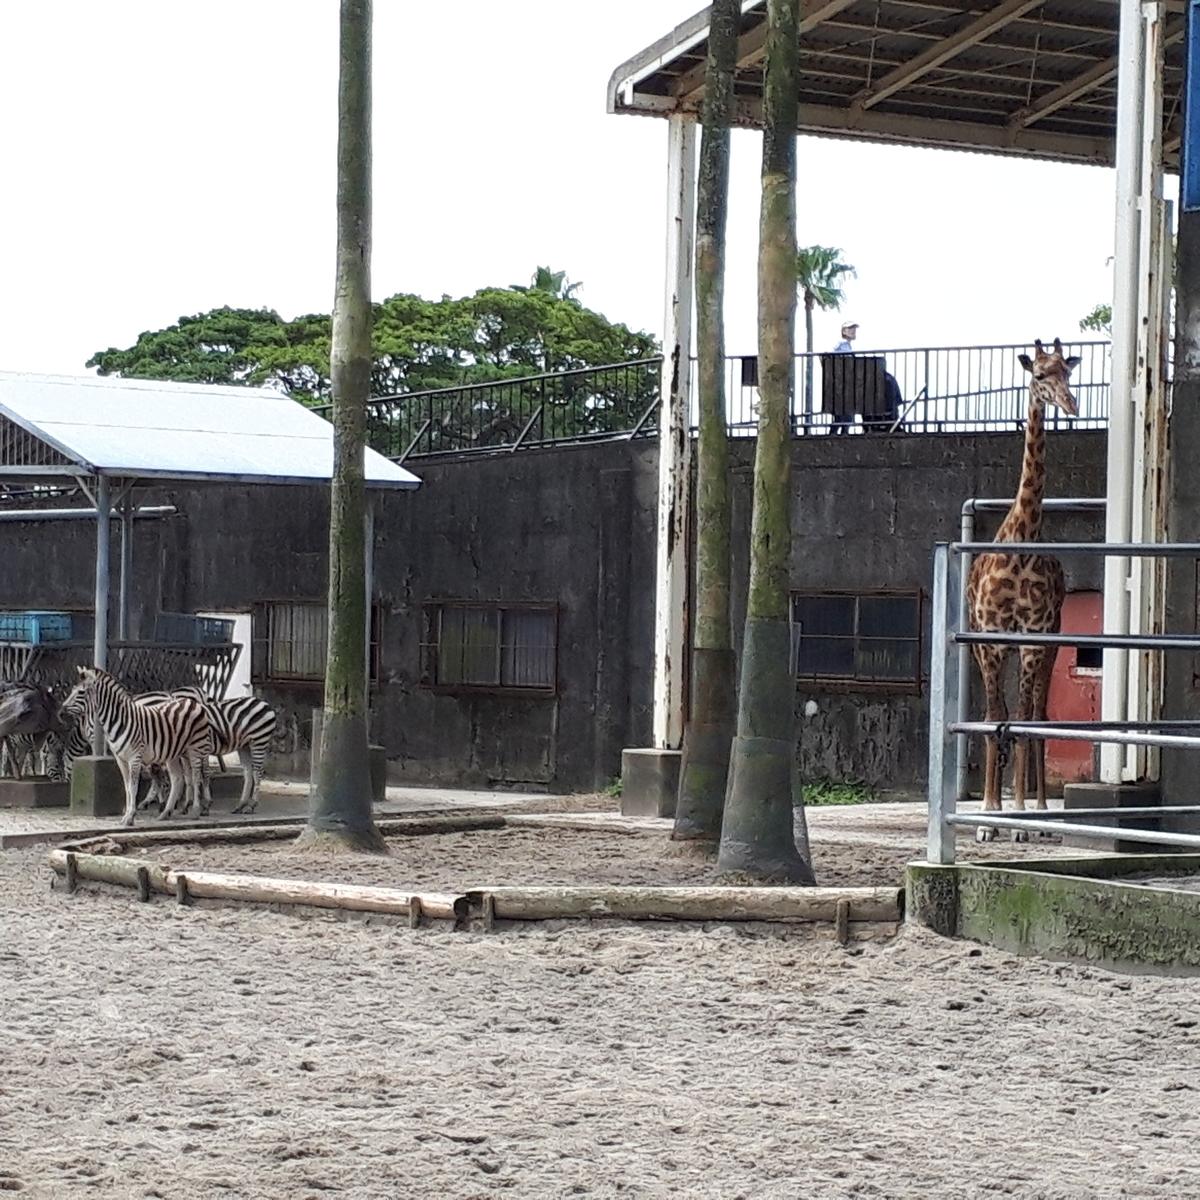 宮崎市フェニックス自然動物園 シマウマ キリン